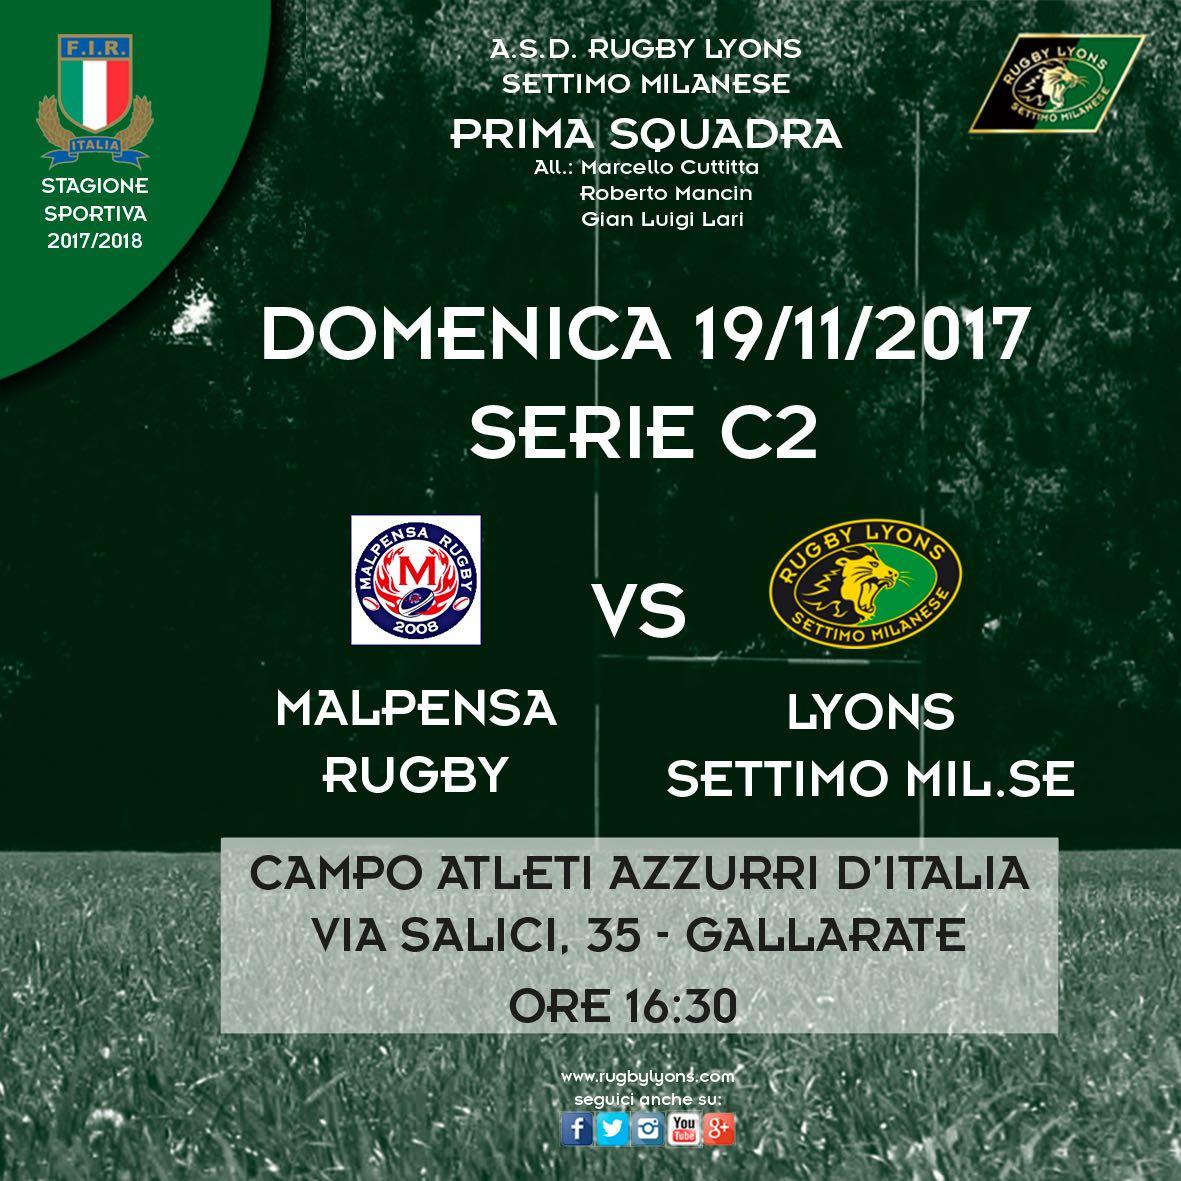 Recupero partita 7a giornata Campionato Serie C2